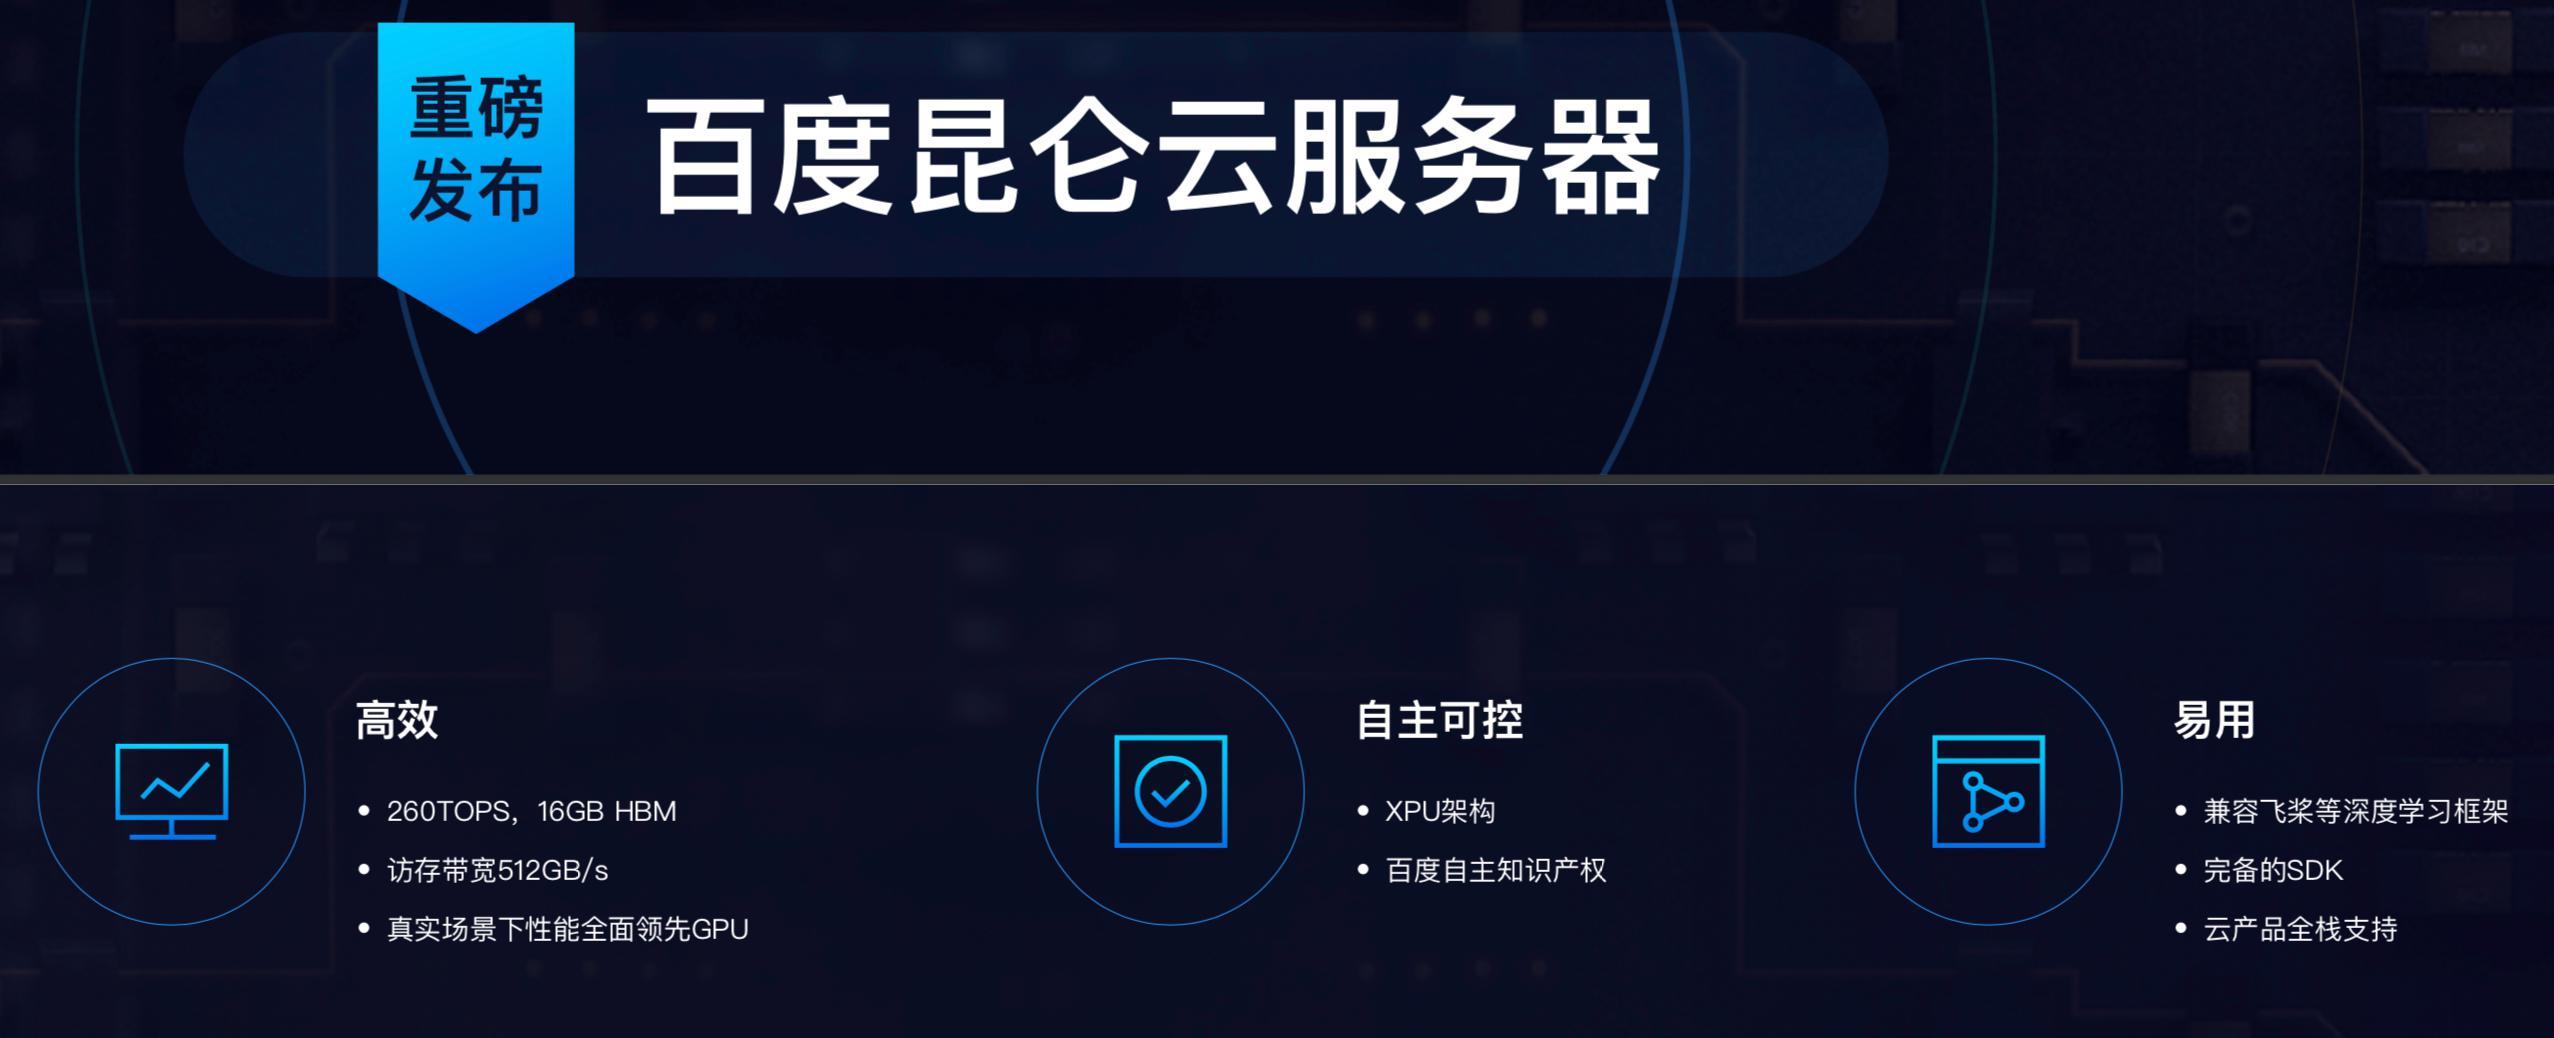 中国骄傲!盘点2019年百度AI自研的五大世界领先技术